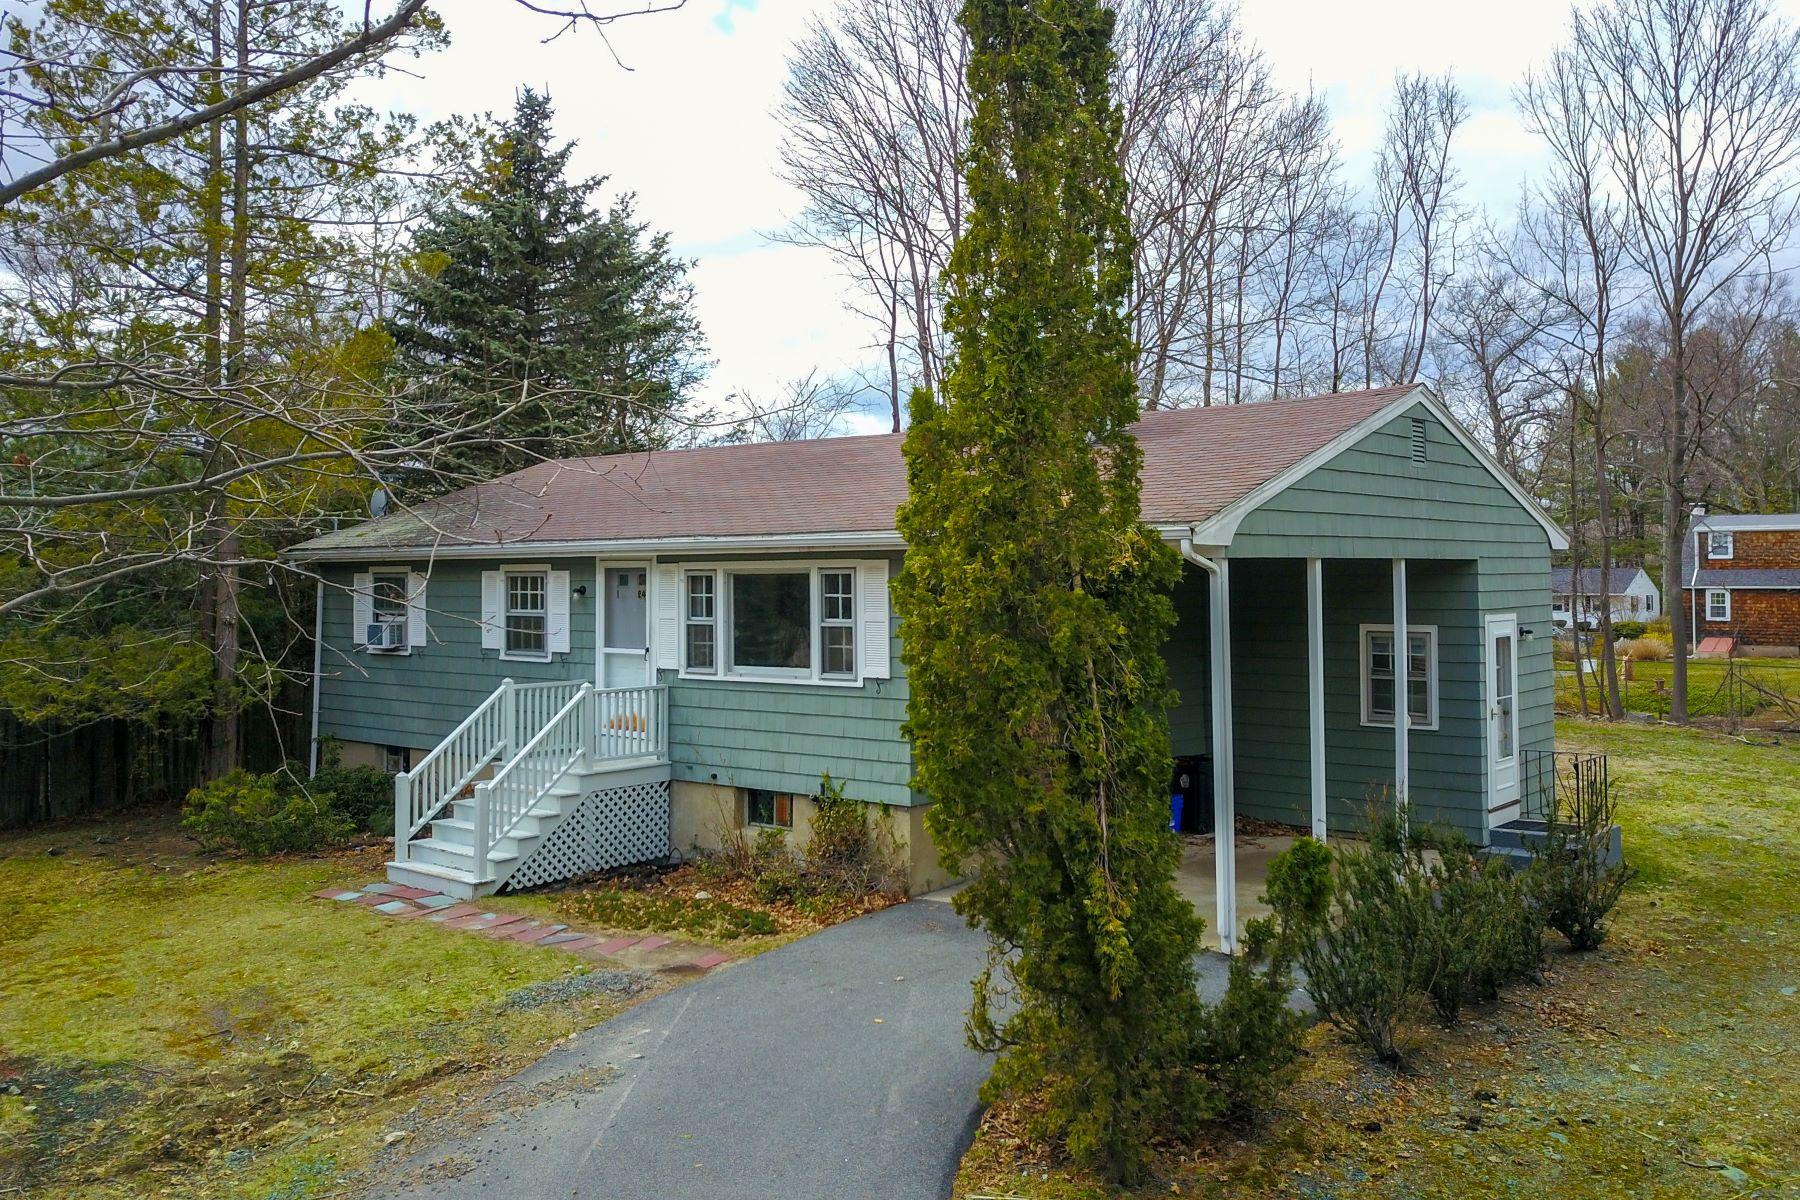 Частный односемейный дом для того Продажа на 24 James Street, Lexington MA 24 James Street Lexington, Массачусетс 02420 Соединенные Штаты